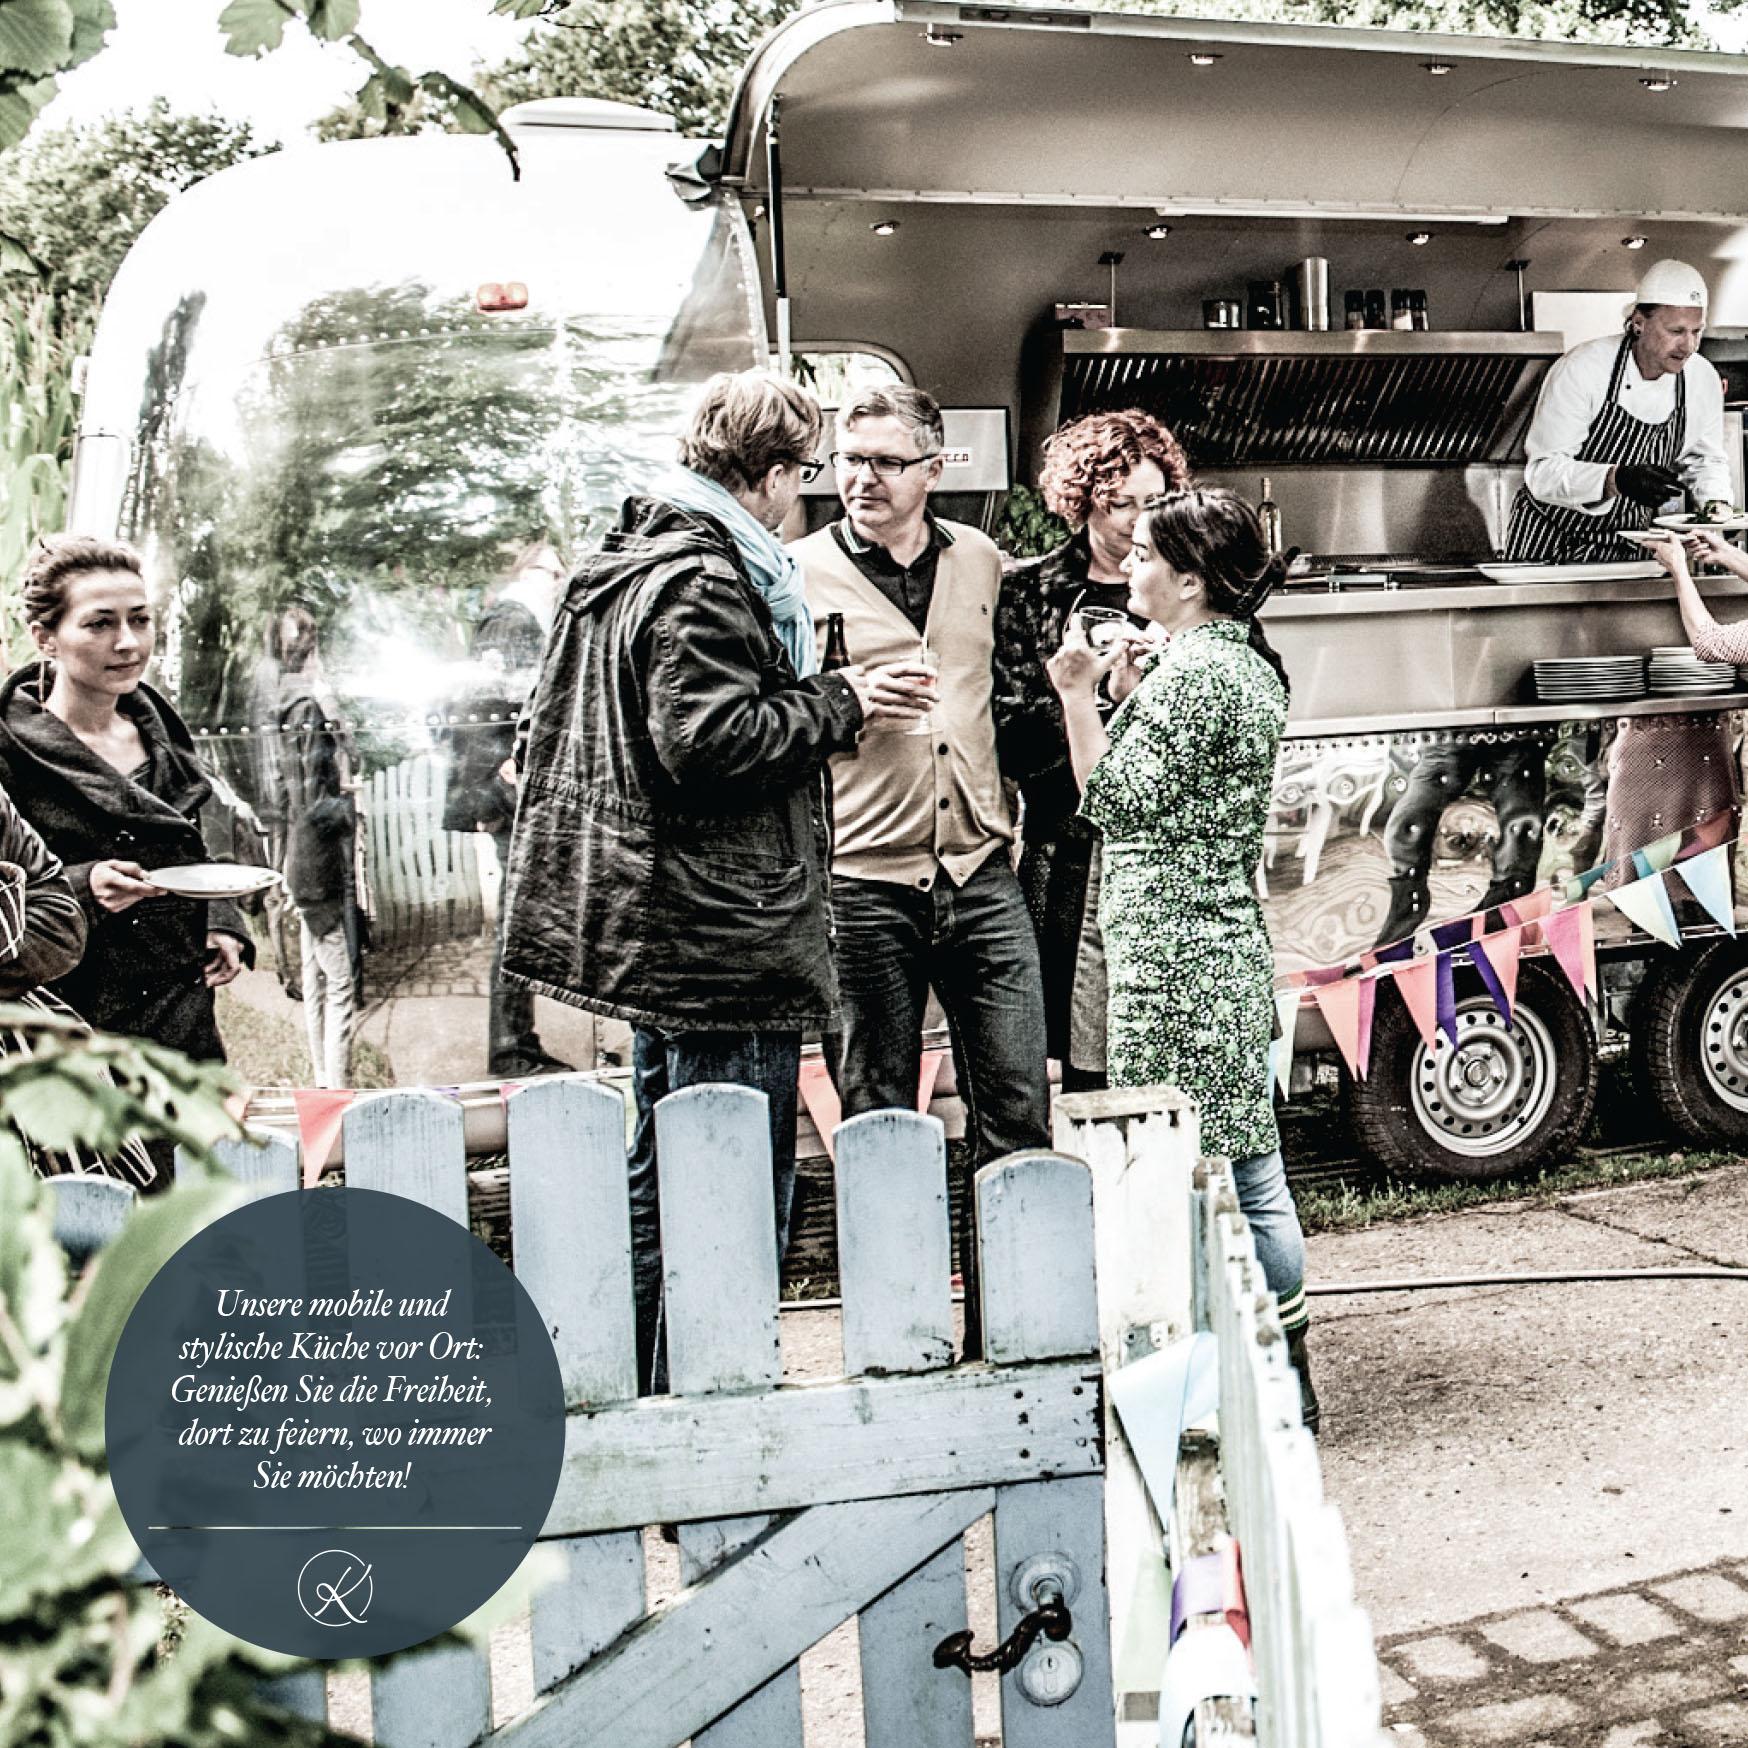 Unsere mobile und stylische Küche vor Ort: Genießen Sie die Freiheit, dort zu feiern, wo immer Sie möchten!